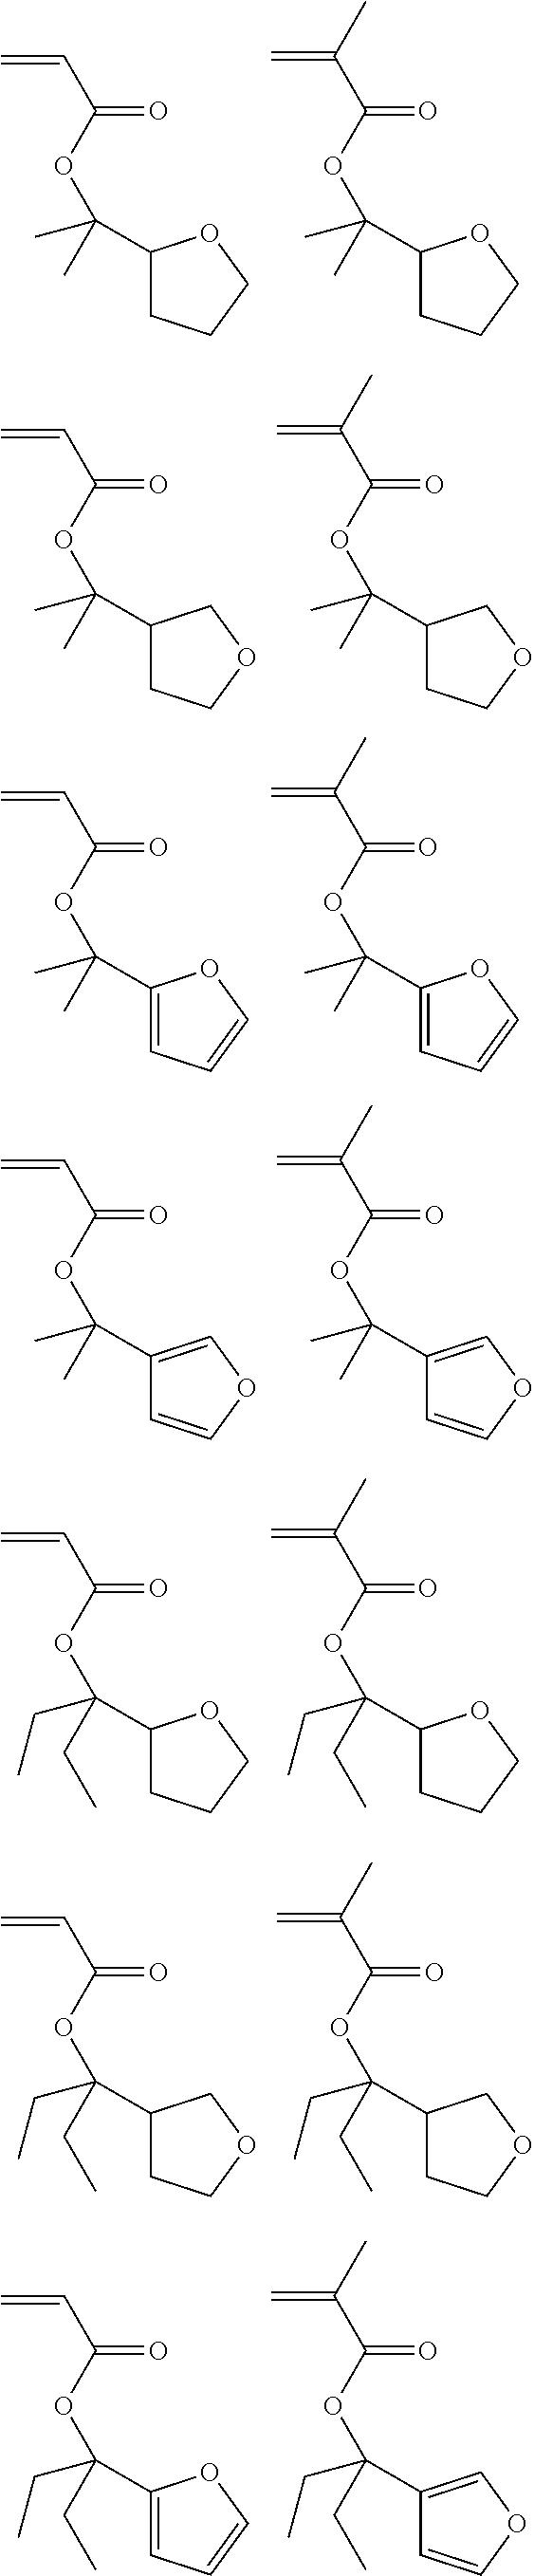 Figure US09017918-20150428-C00059